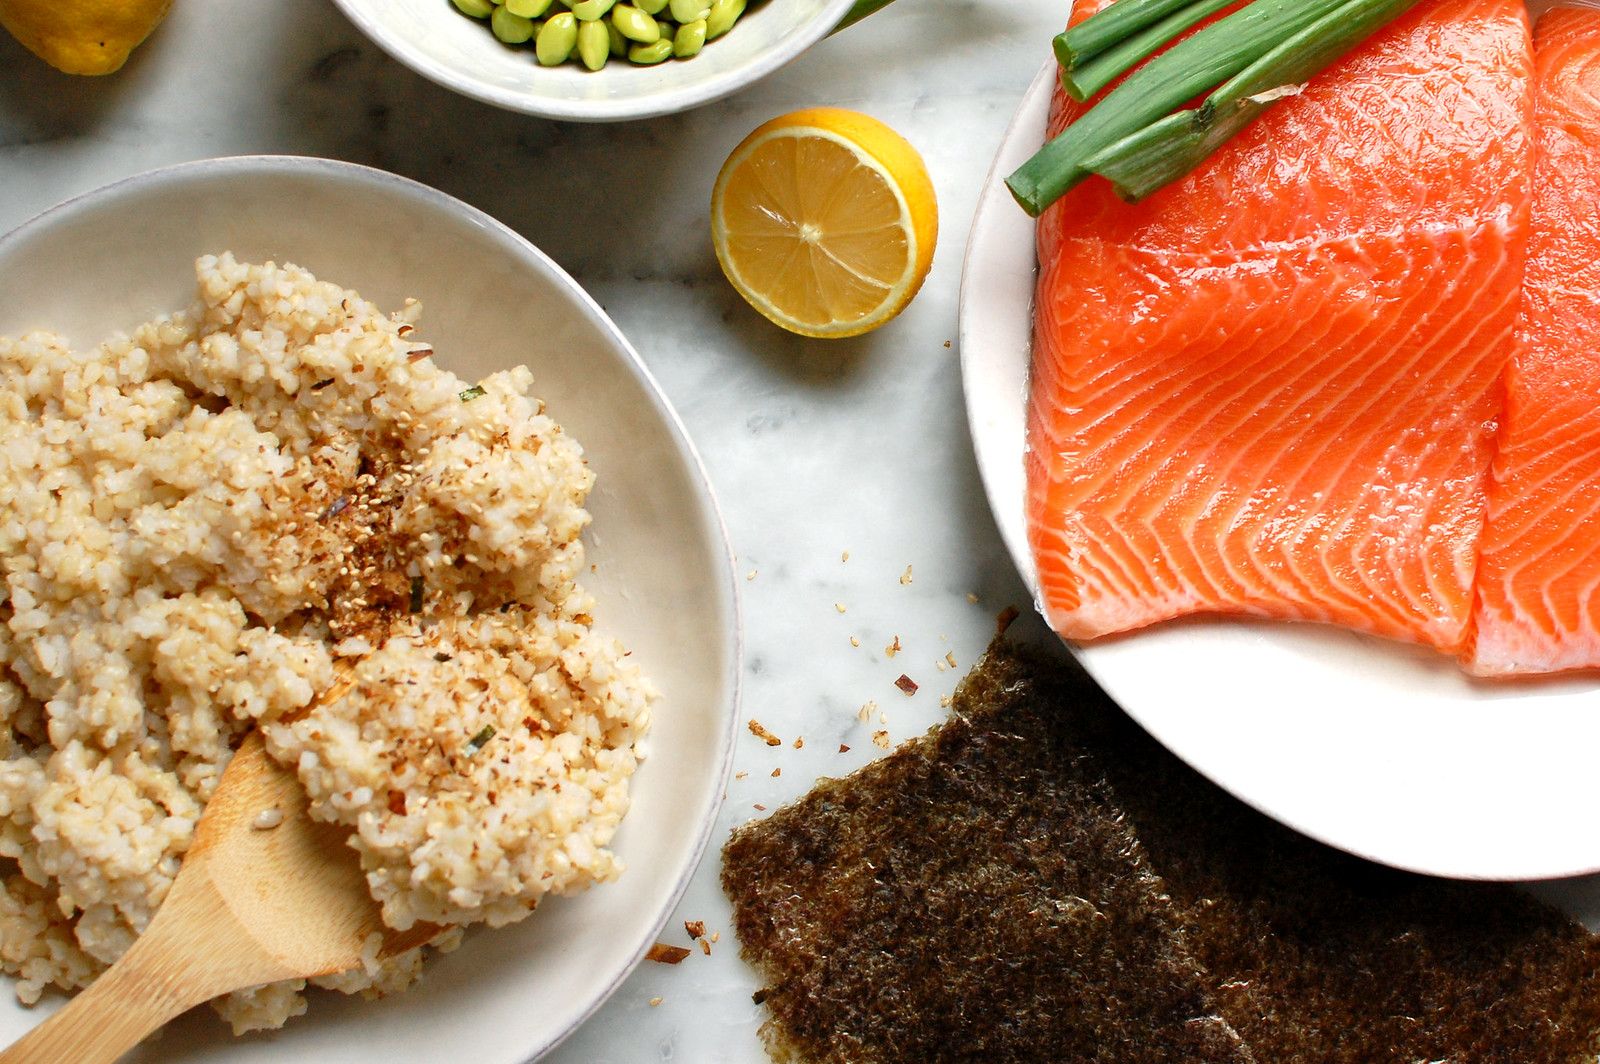 ingredients for salmon grain bowl rice furikake lemon nori